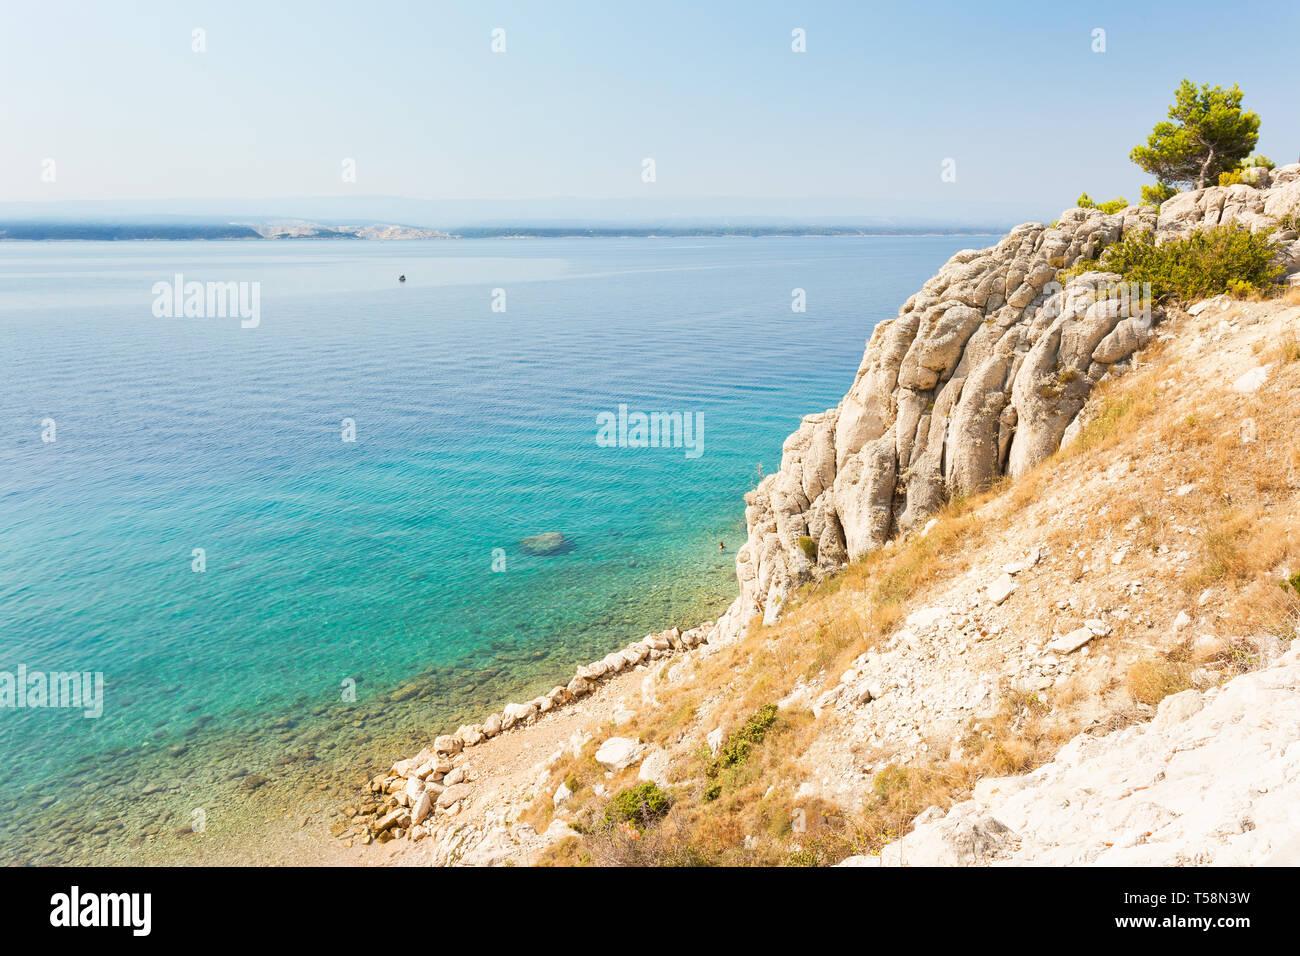 Stanici, Omis, Kroatien, Europa - türkisblaues Wasser am wunderschönen Strand von Stanici Stockfoto